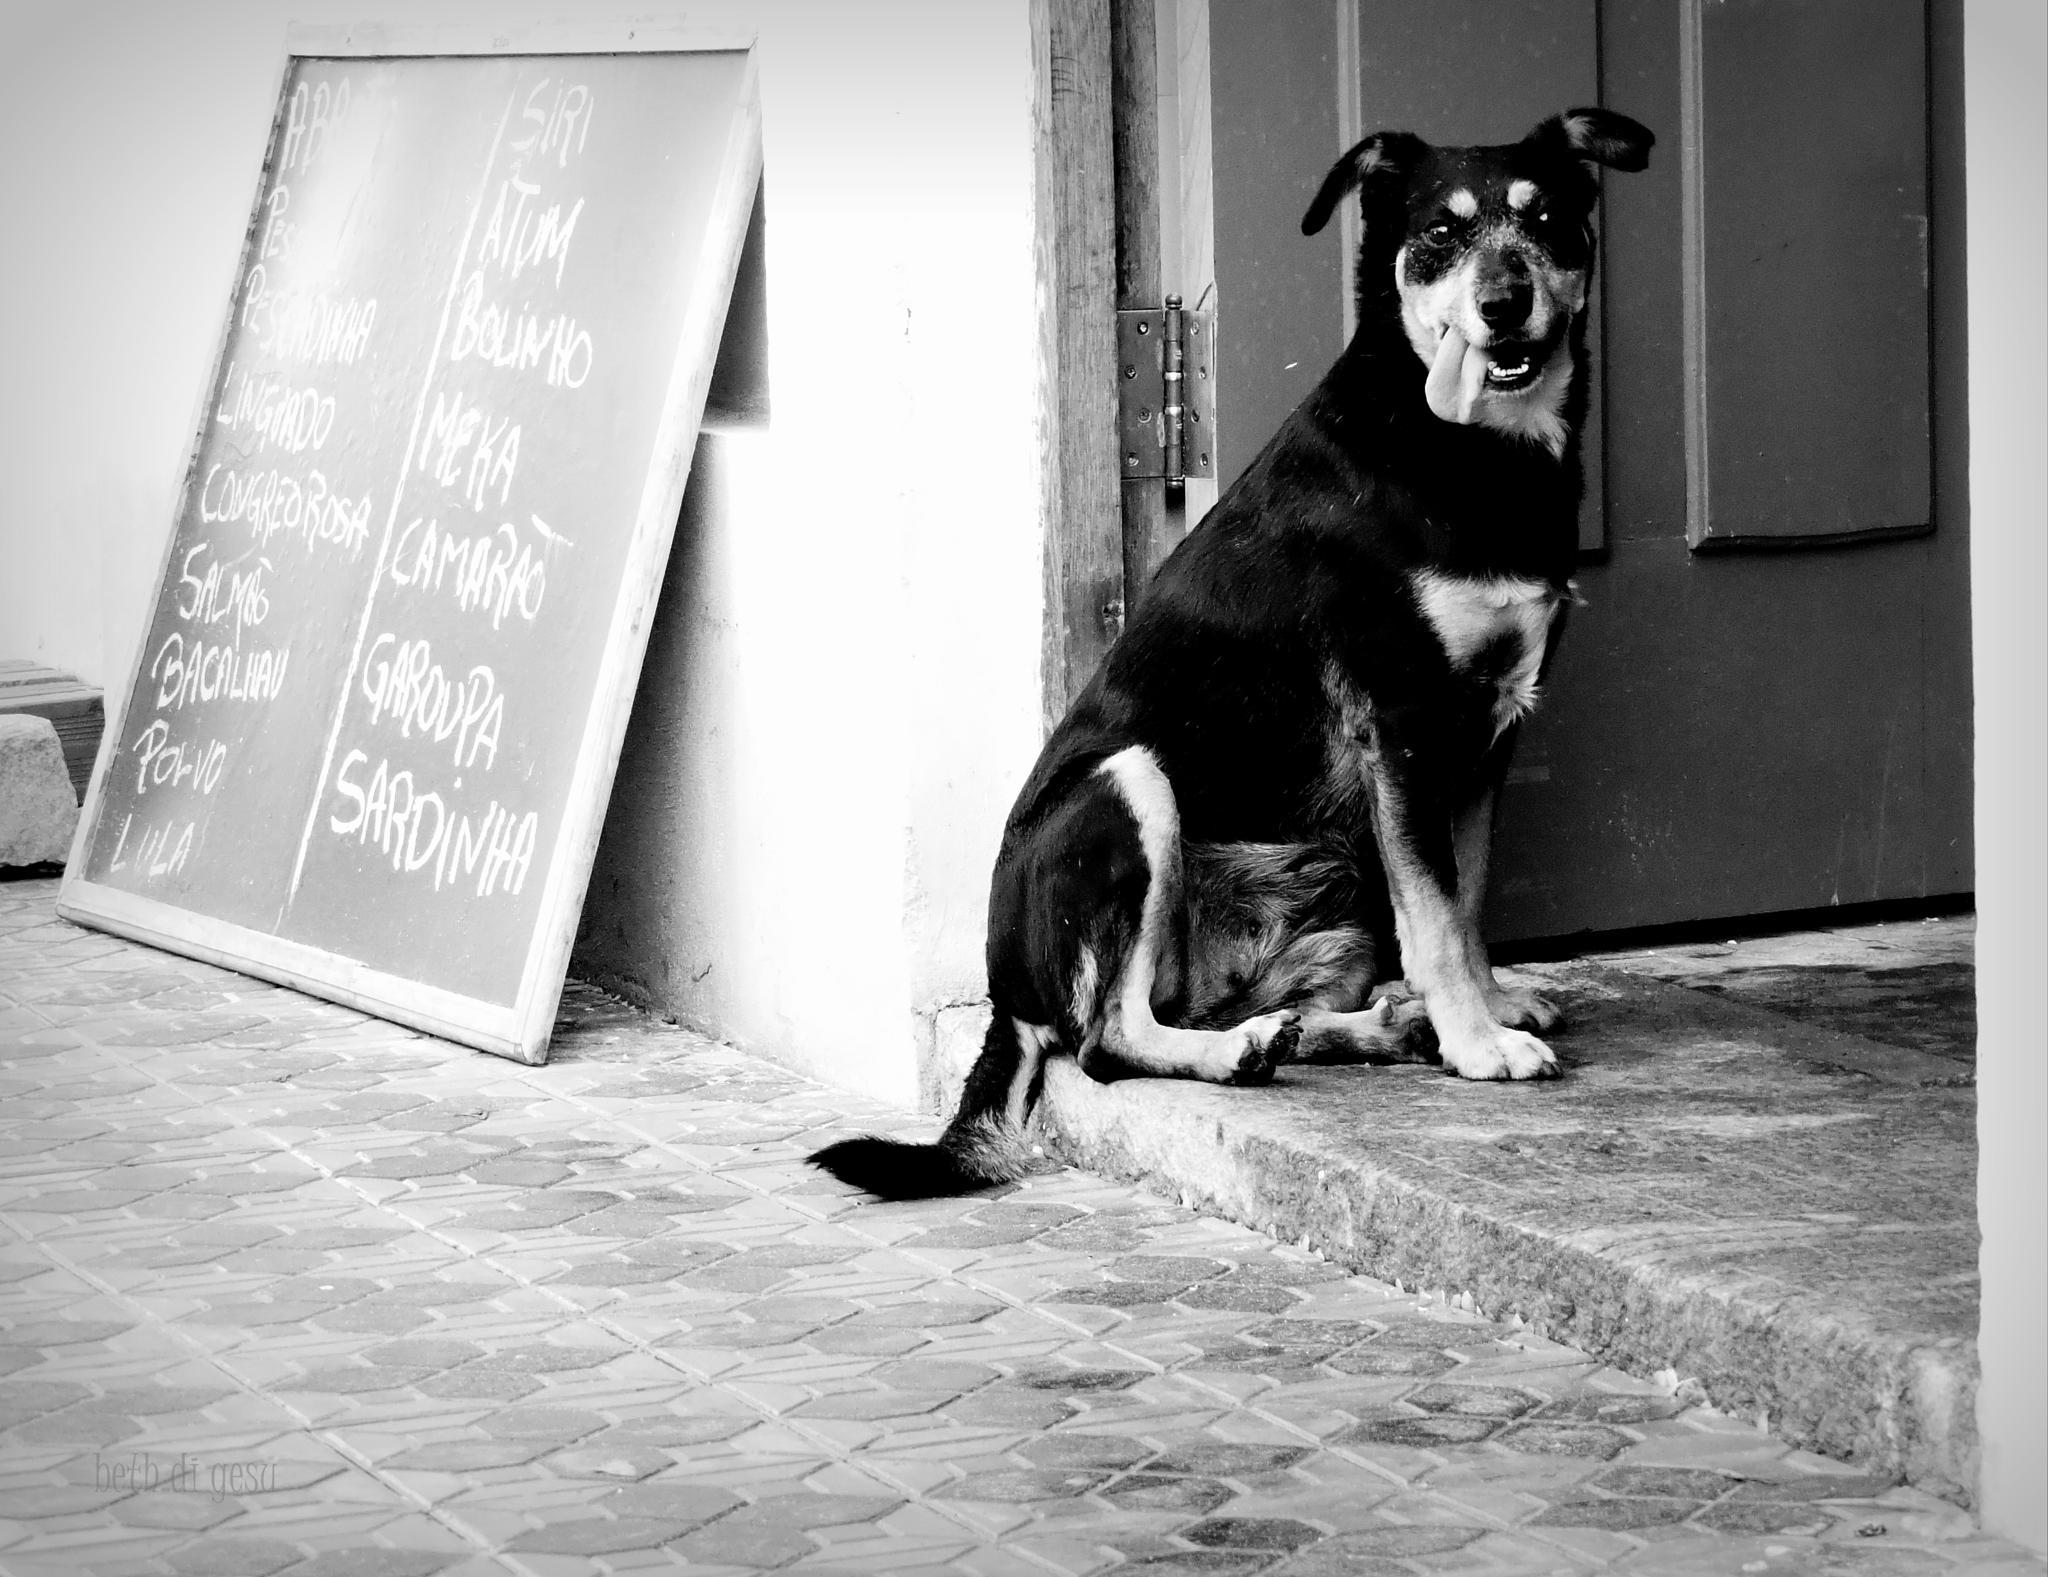 The Dog by BETH DI GESU